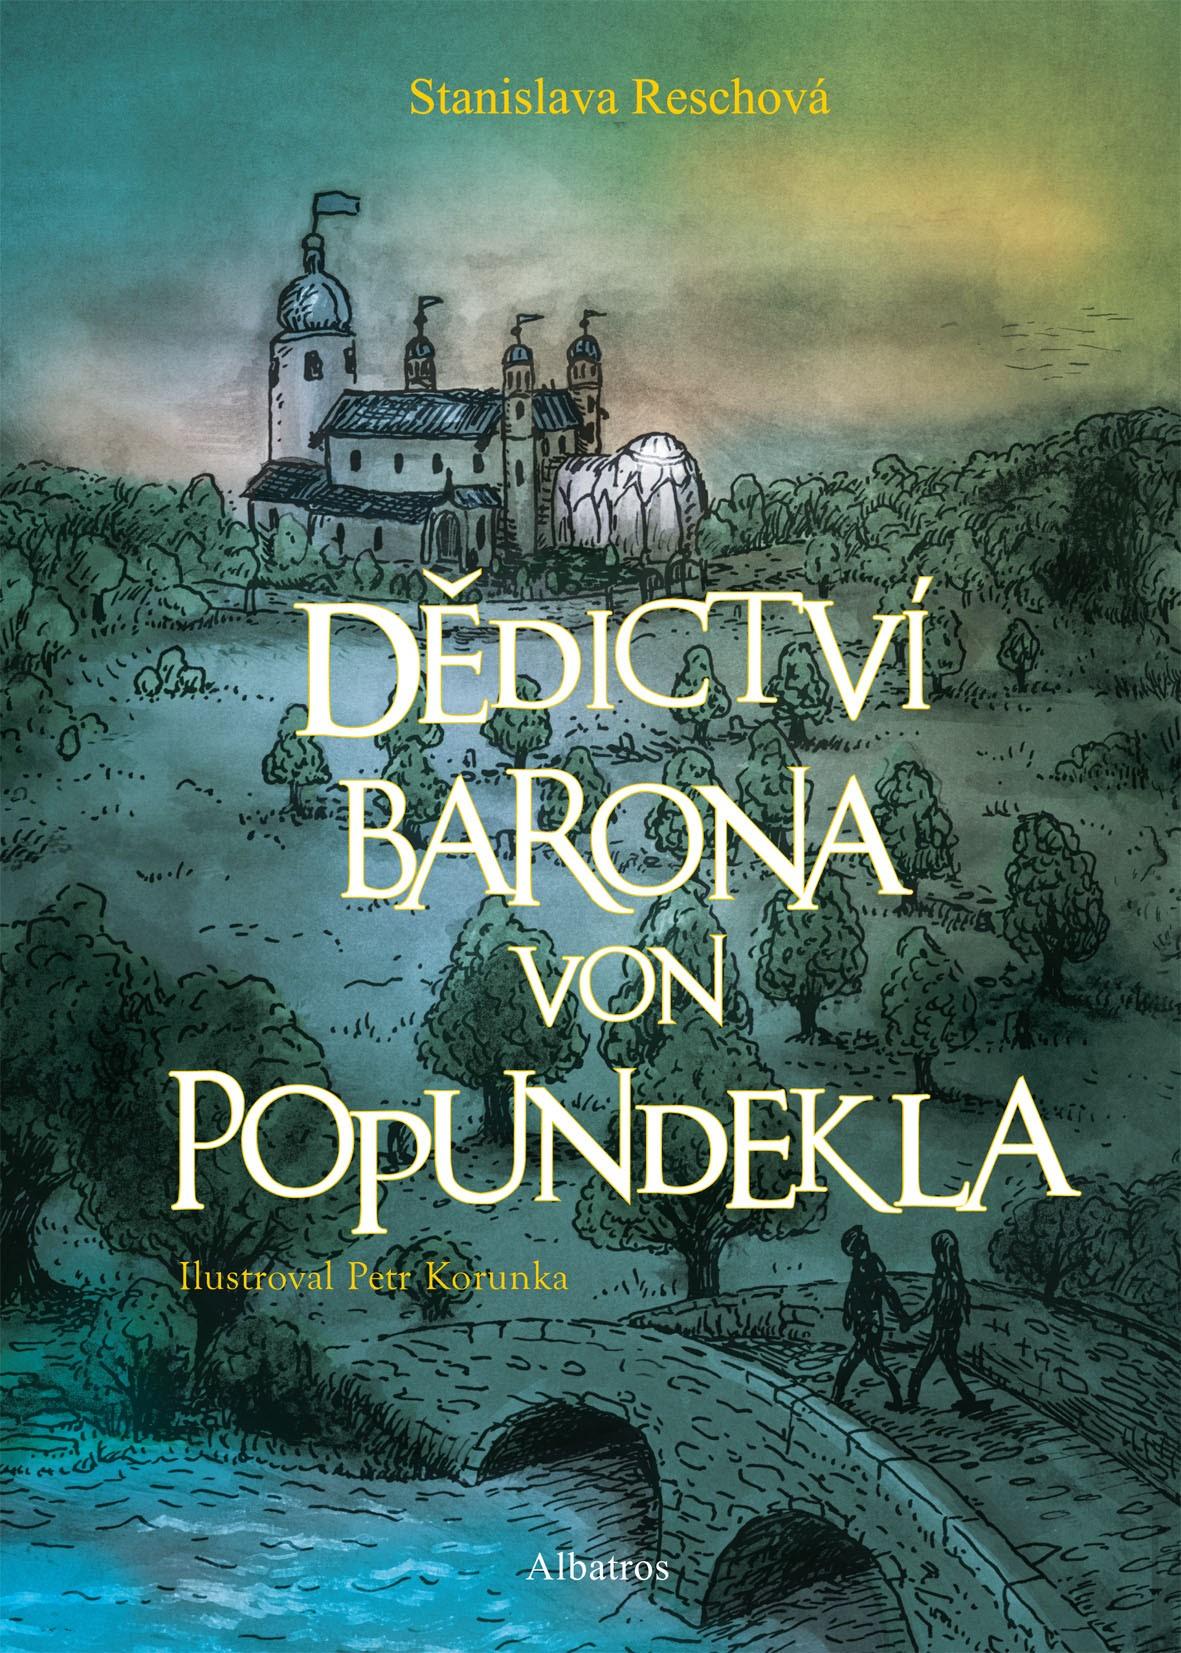 Dědictví barona von Popundekla